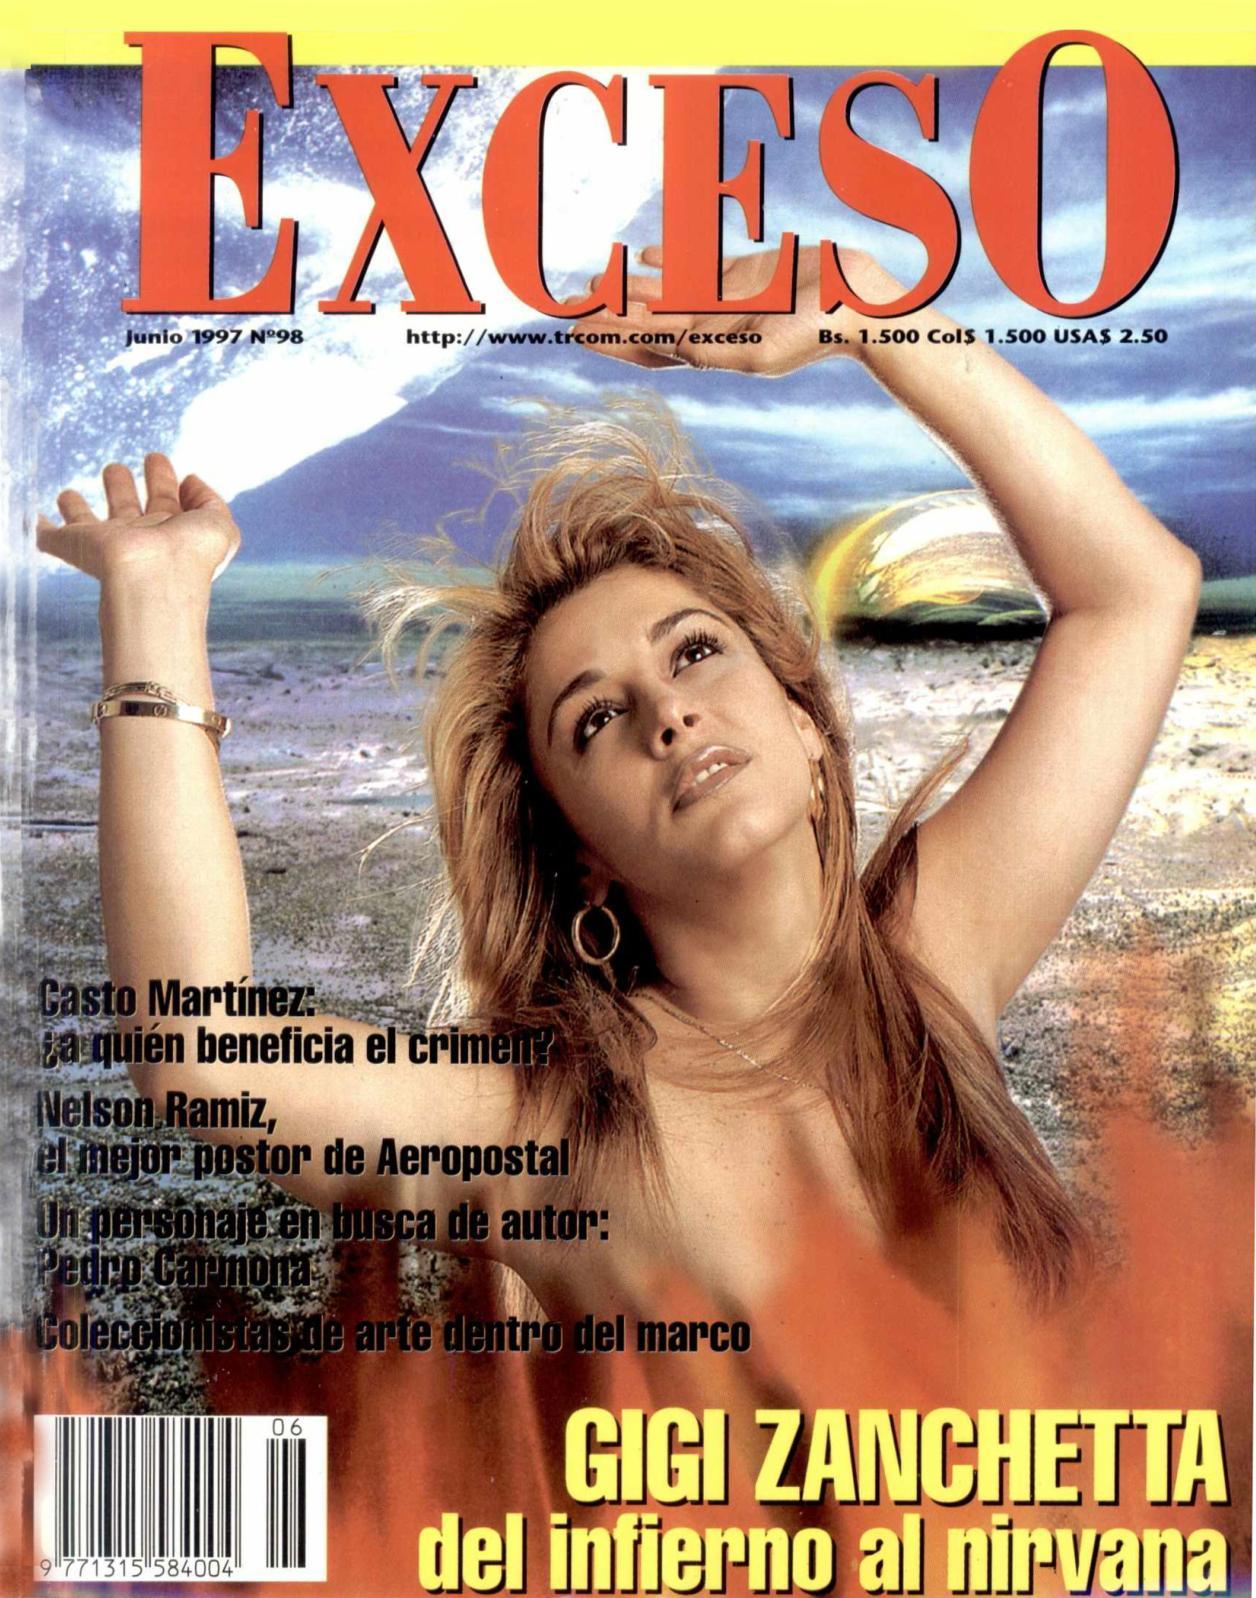 Calaméo Nº Revista Edición Junio Exceso 98 1997 7bgYf6yv